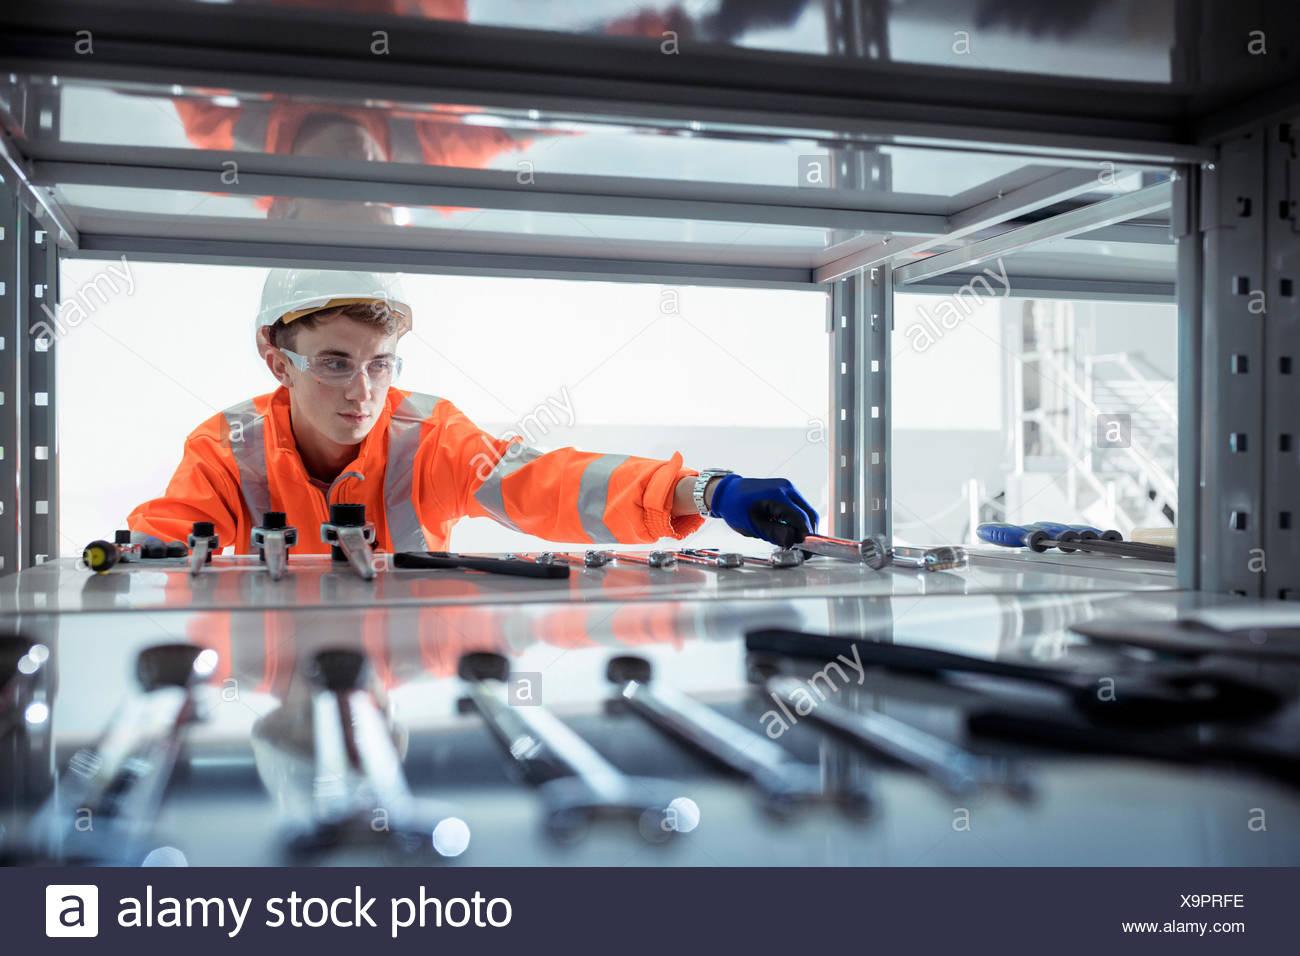 Lehrling Auswahl Werkzeuge bei der Bahn Engineering Facility Stockbild